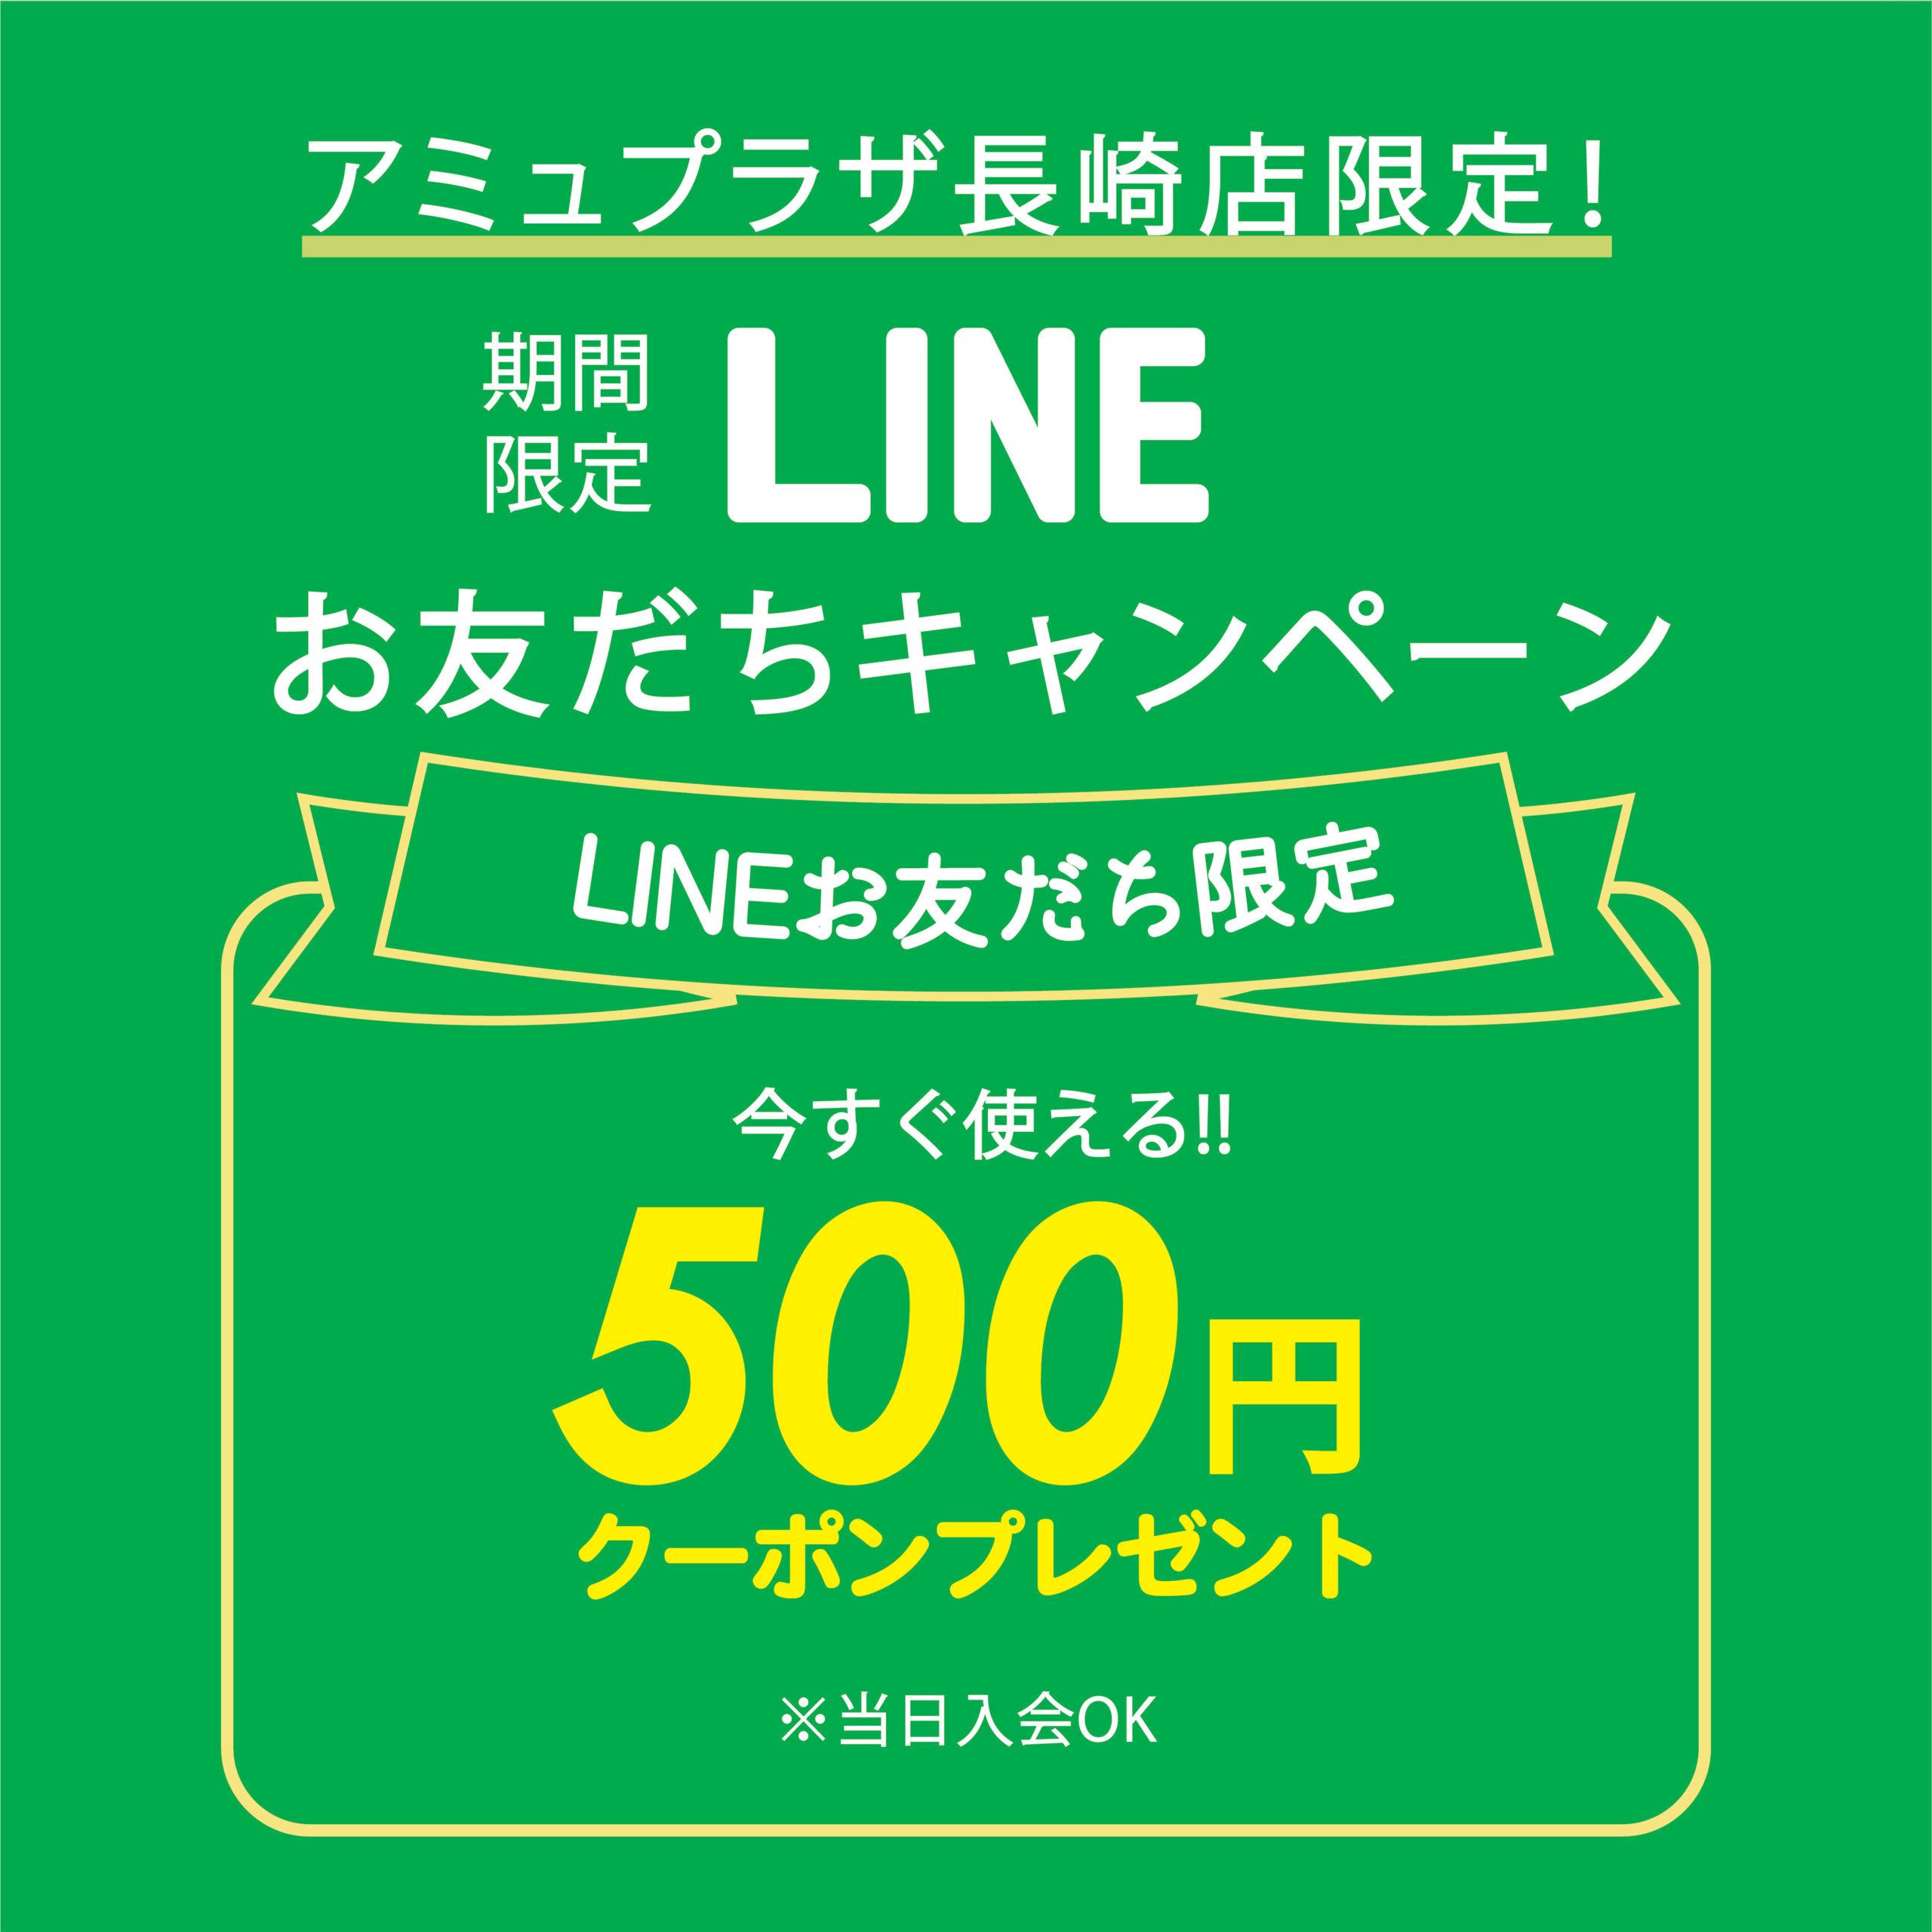 【アミュ長崎店限定】LINEお友だちキャンペーン開催!